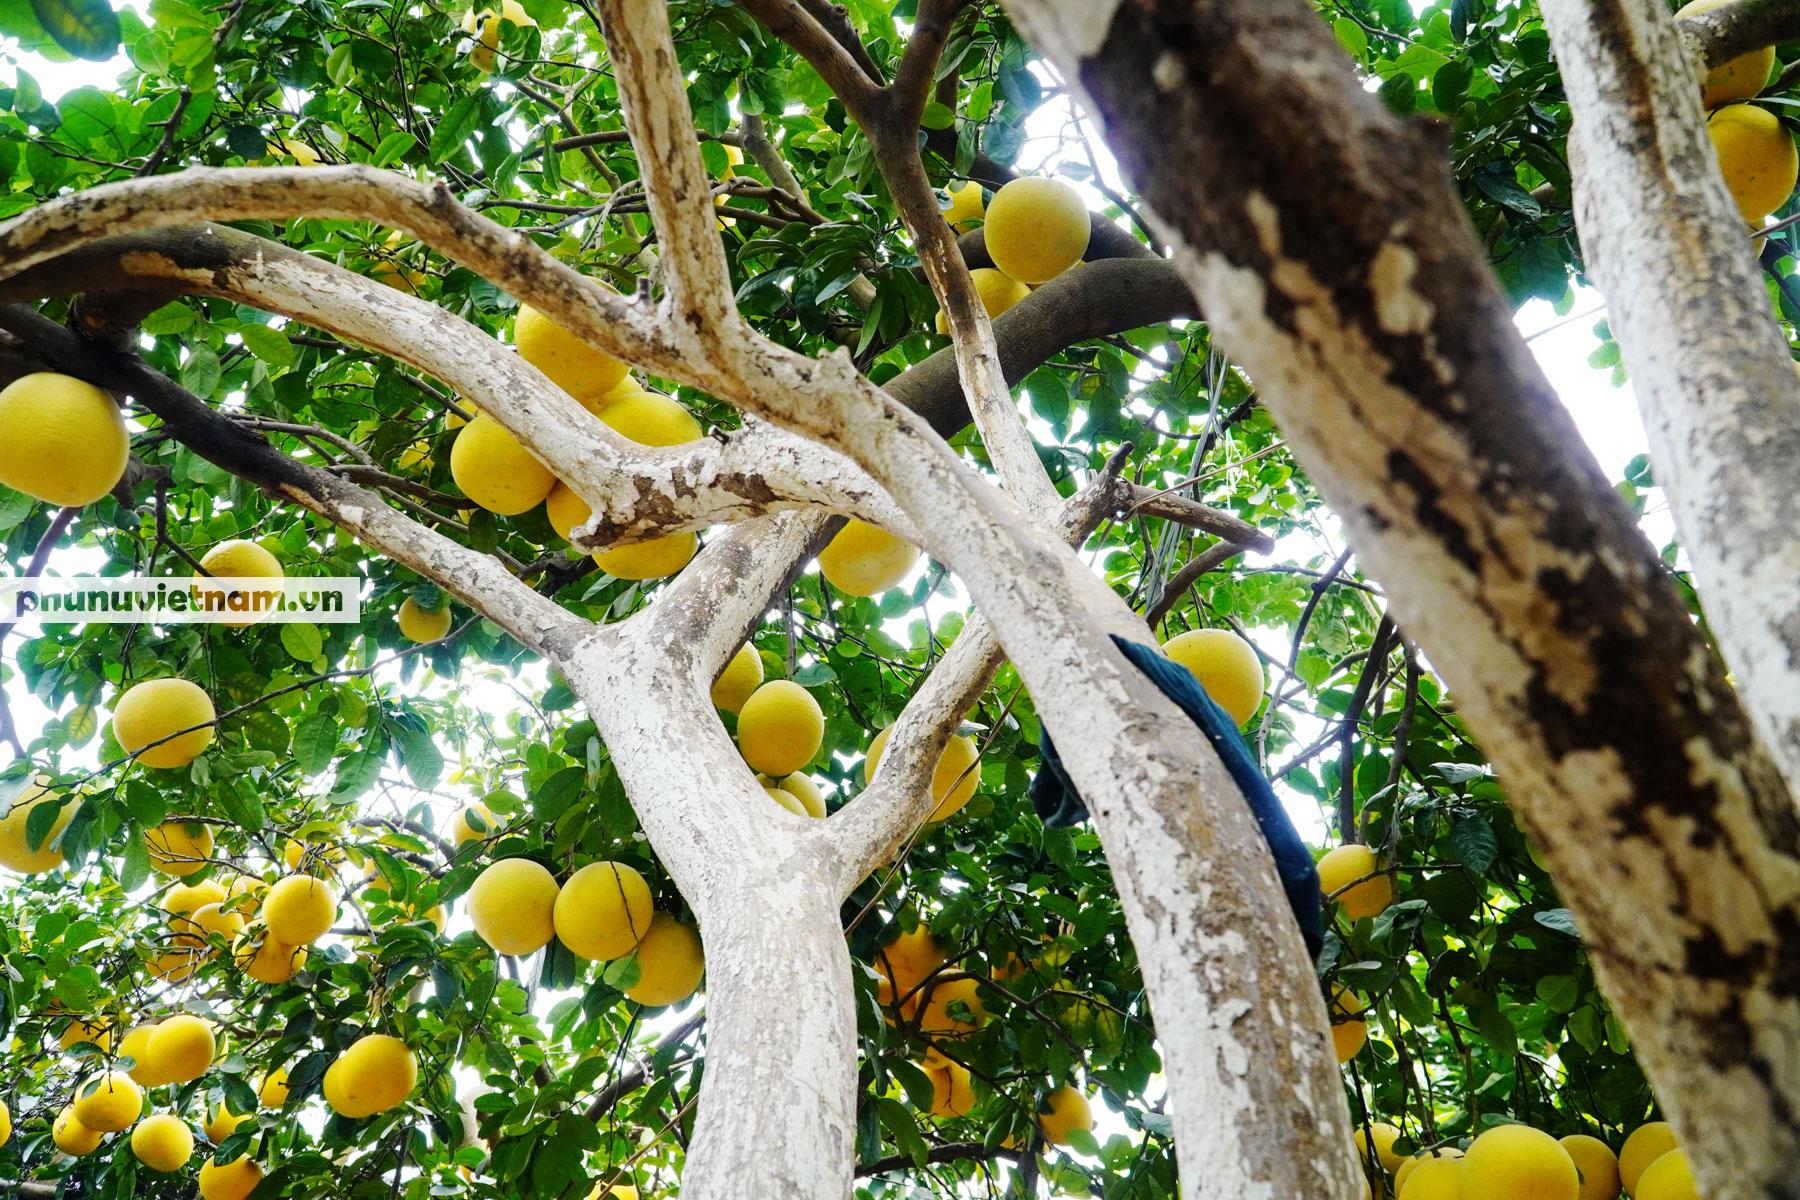 Vườn bưởi Diễn tuổi 30, chi chít cả trăm quả chào Xuân Tân Sửu - Ảnh 1.